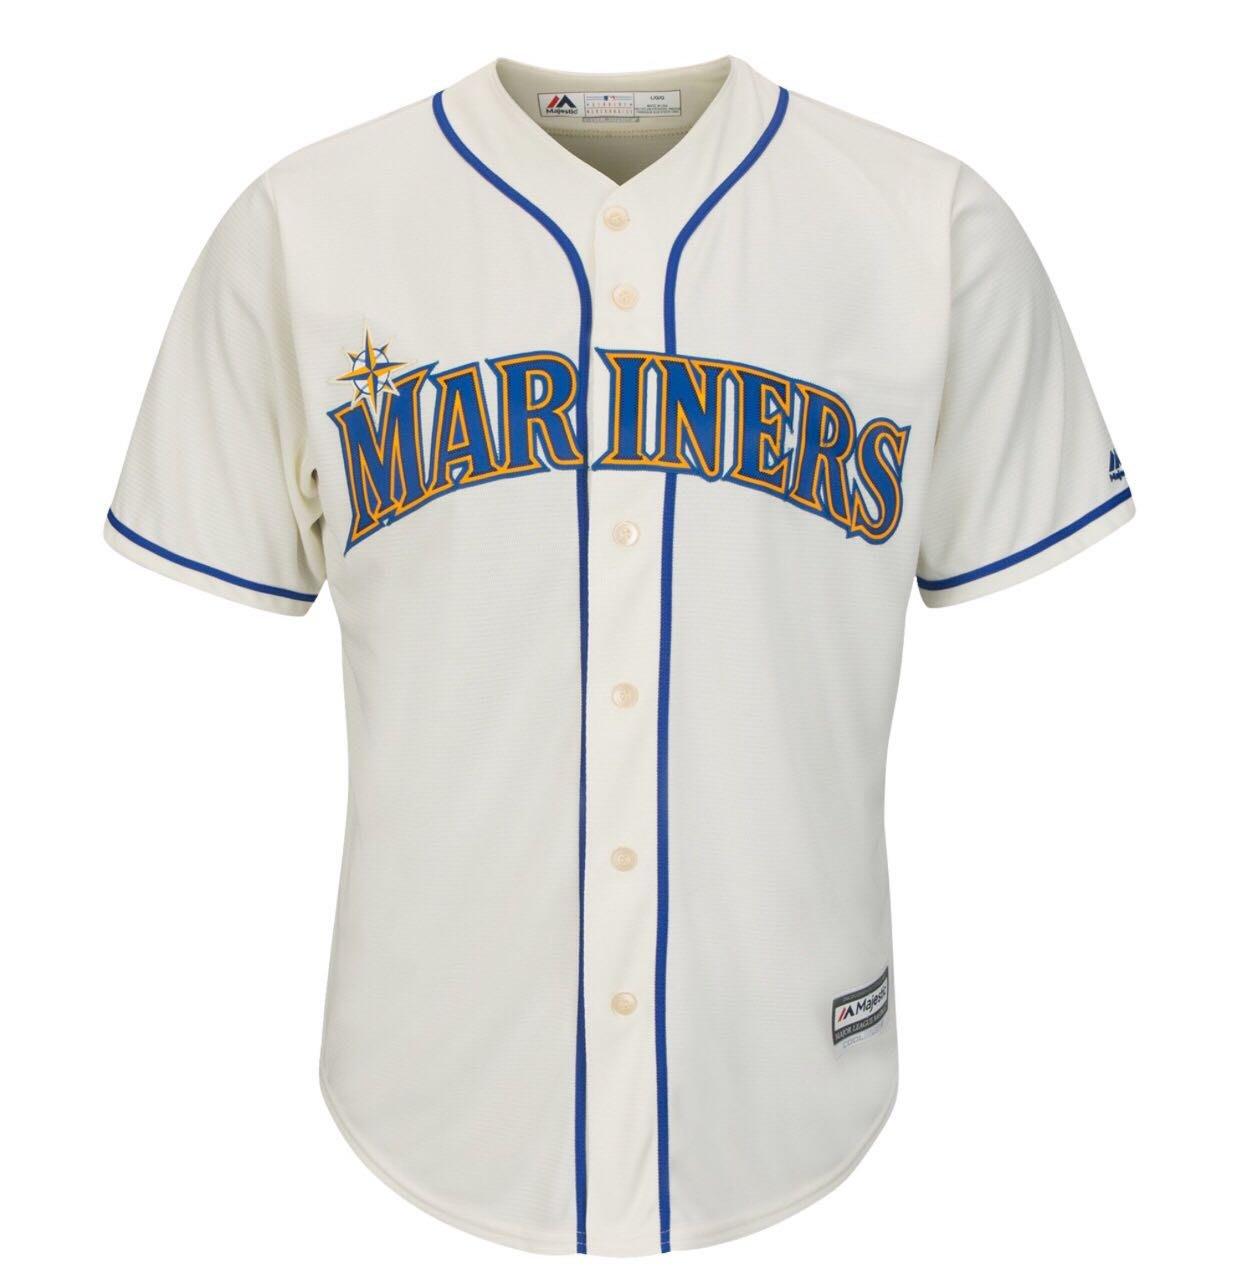 MLB 美國大聯盟 Majestic 正版球衣 西雅圖 水手隊 Mariners 棒球衣